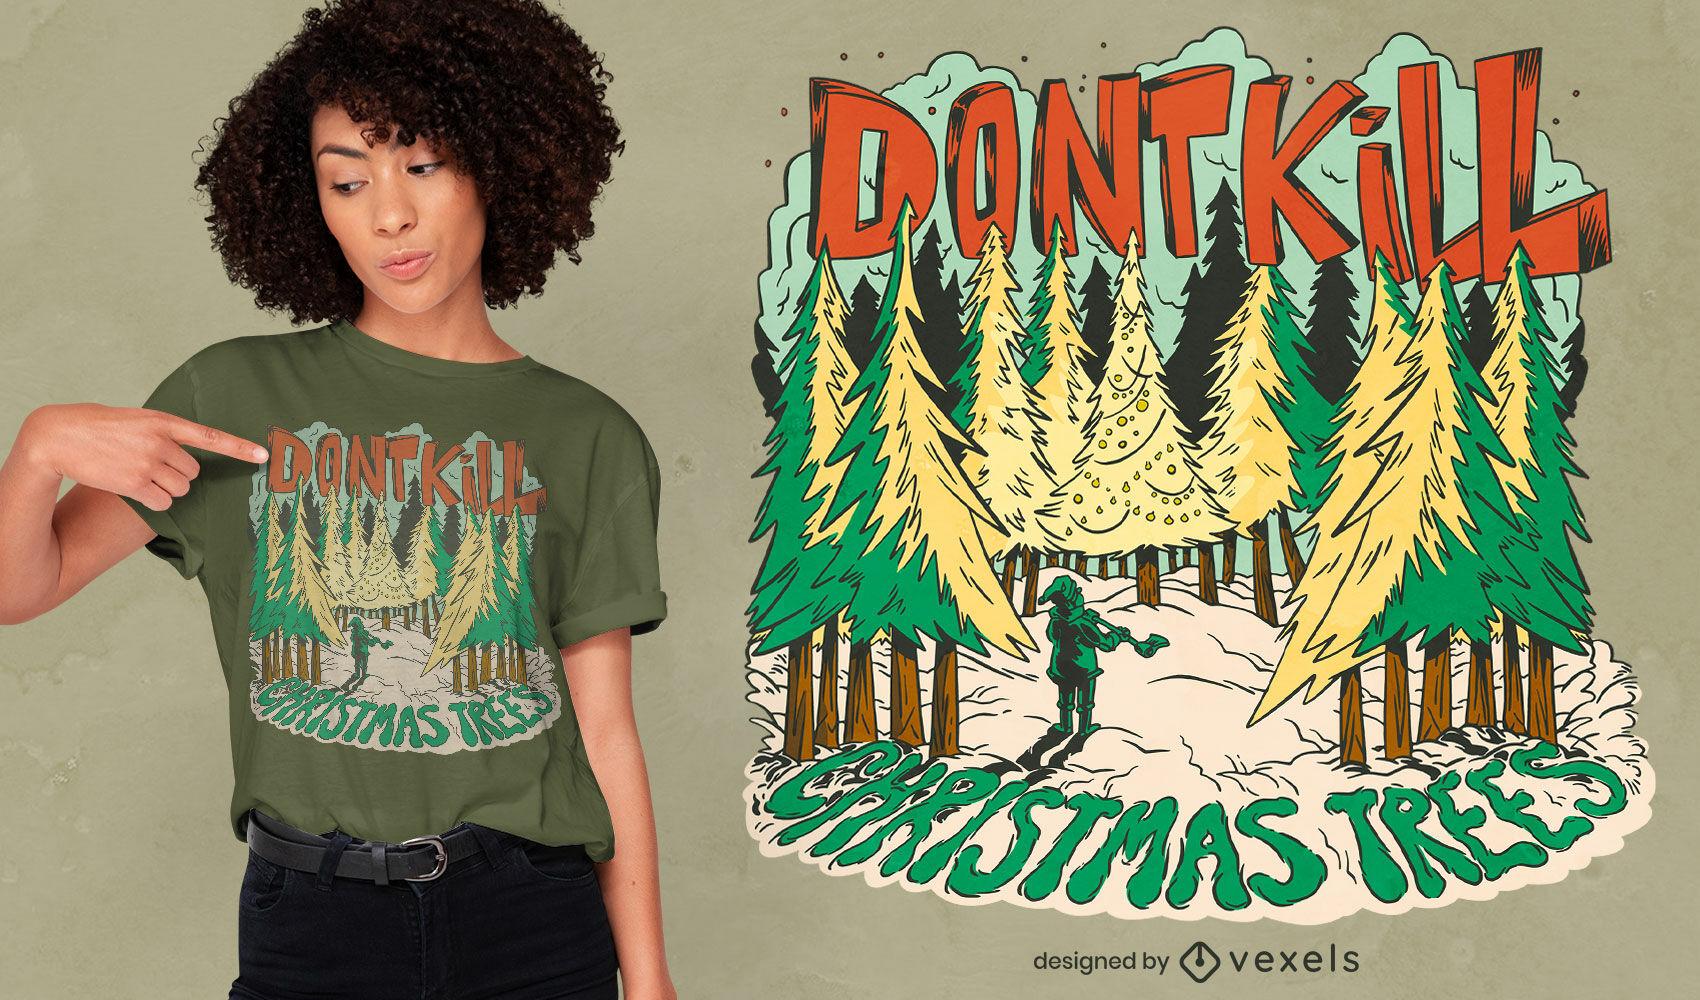 Don't kill christmas trees t-shirt design